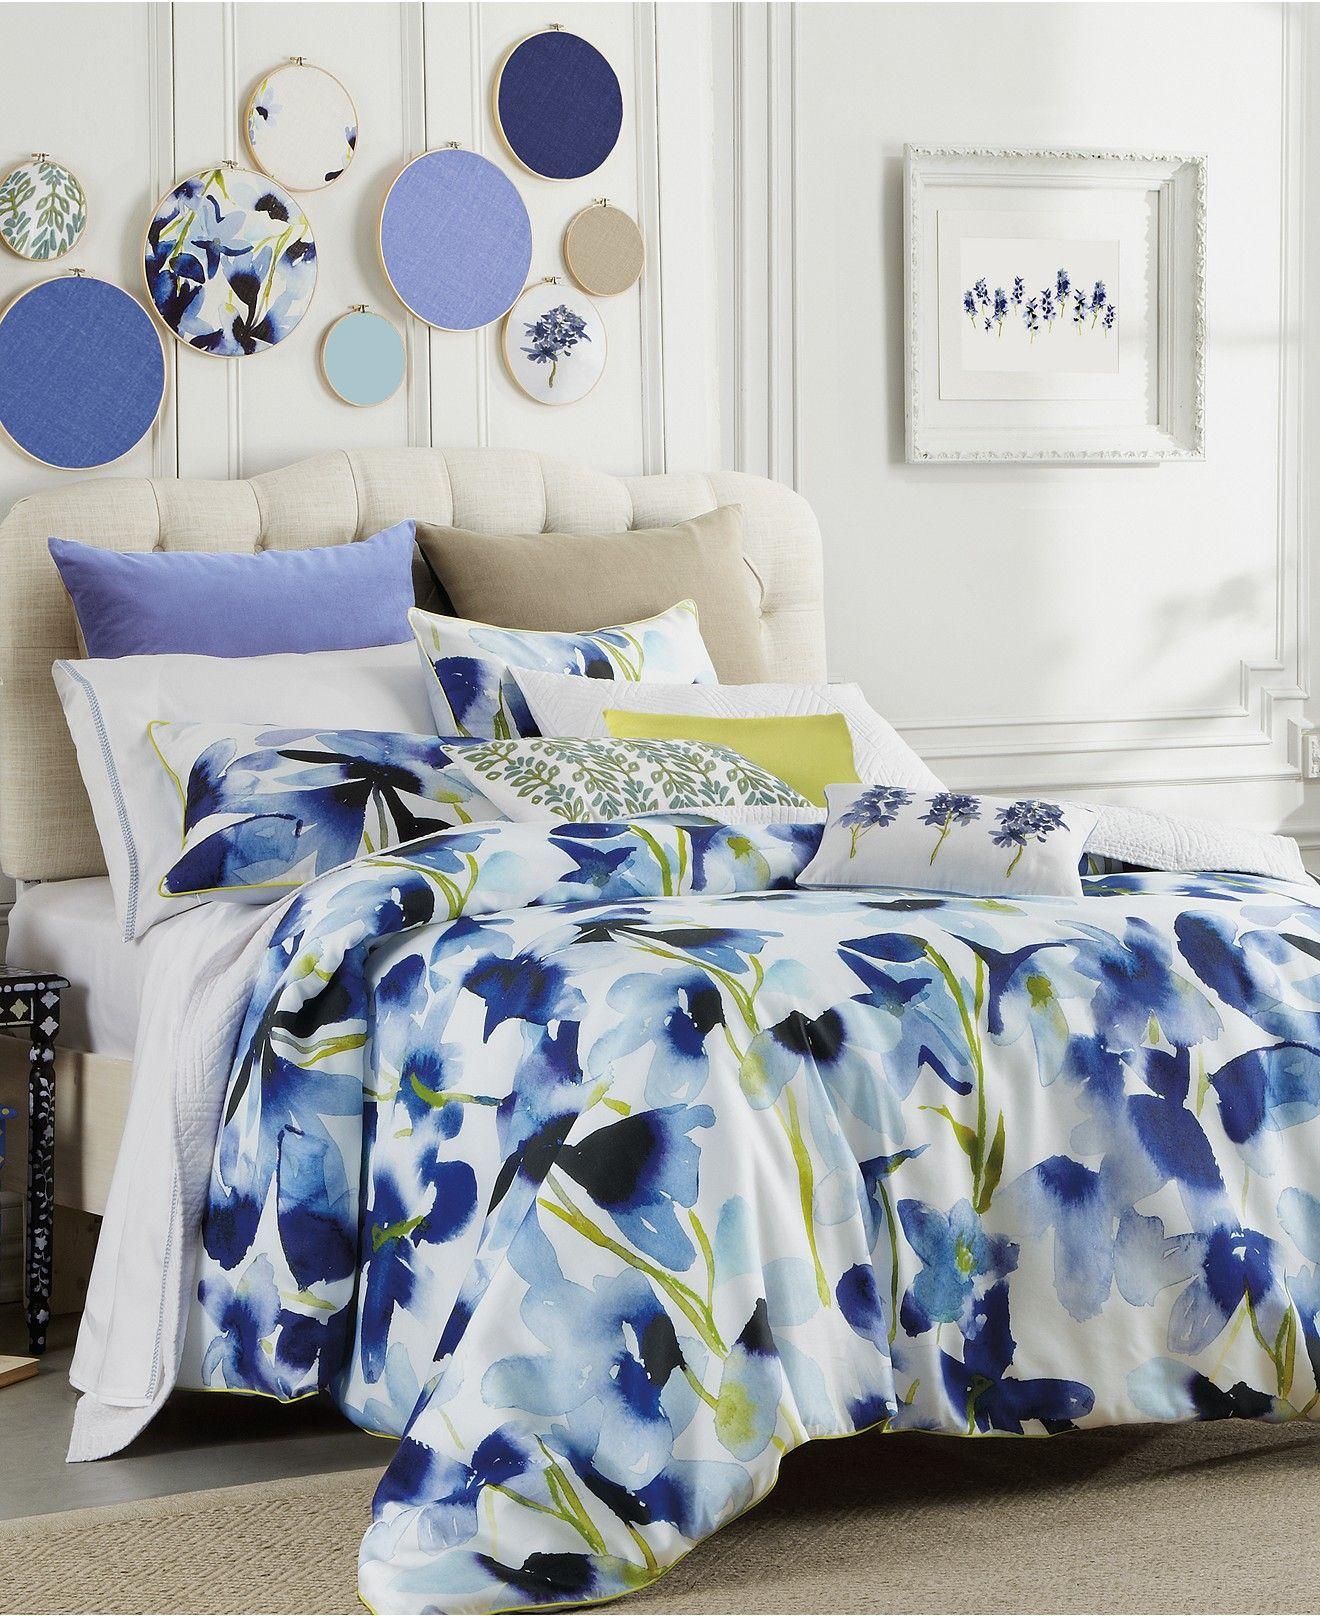 bluebellgray Skye Comforter and Duvet Sets Bedding